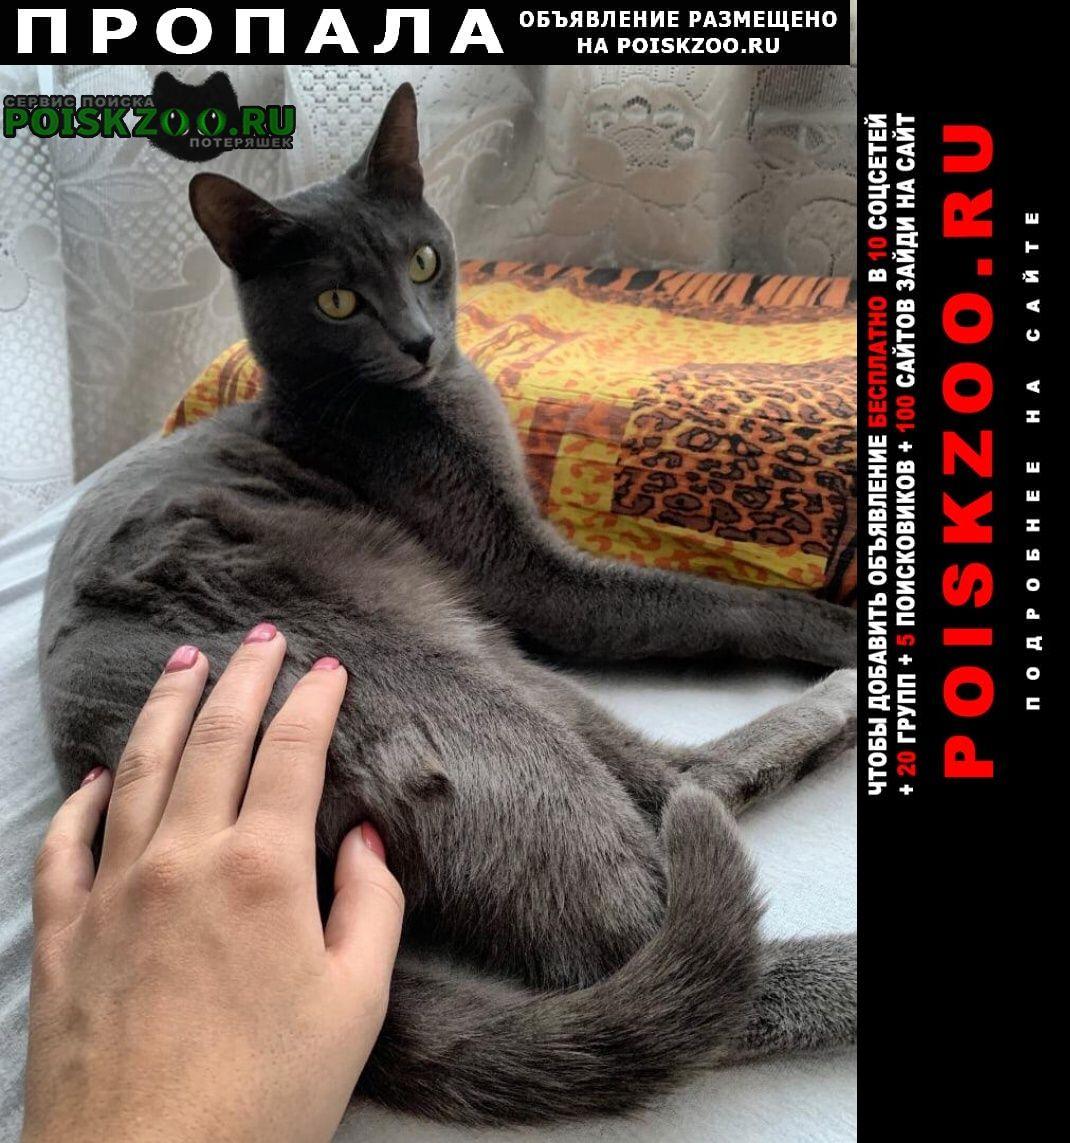 Пропала кошка кот. Новокузнецк